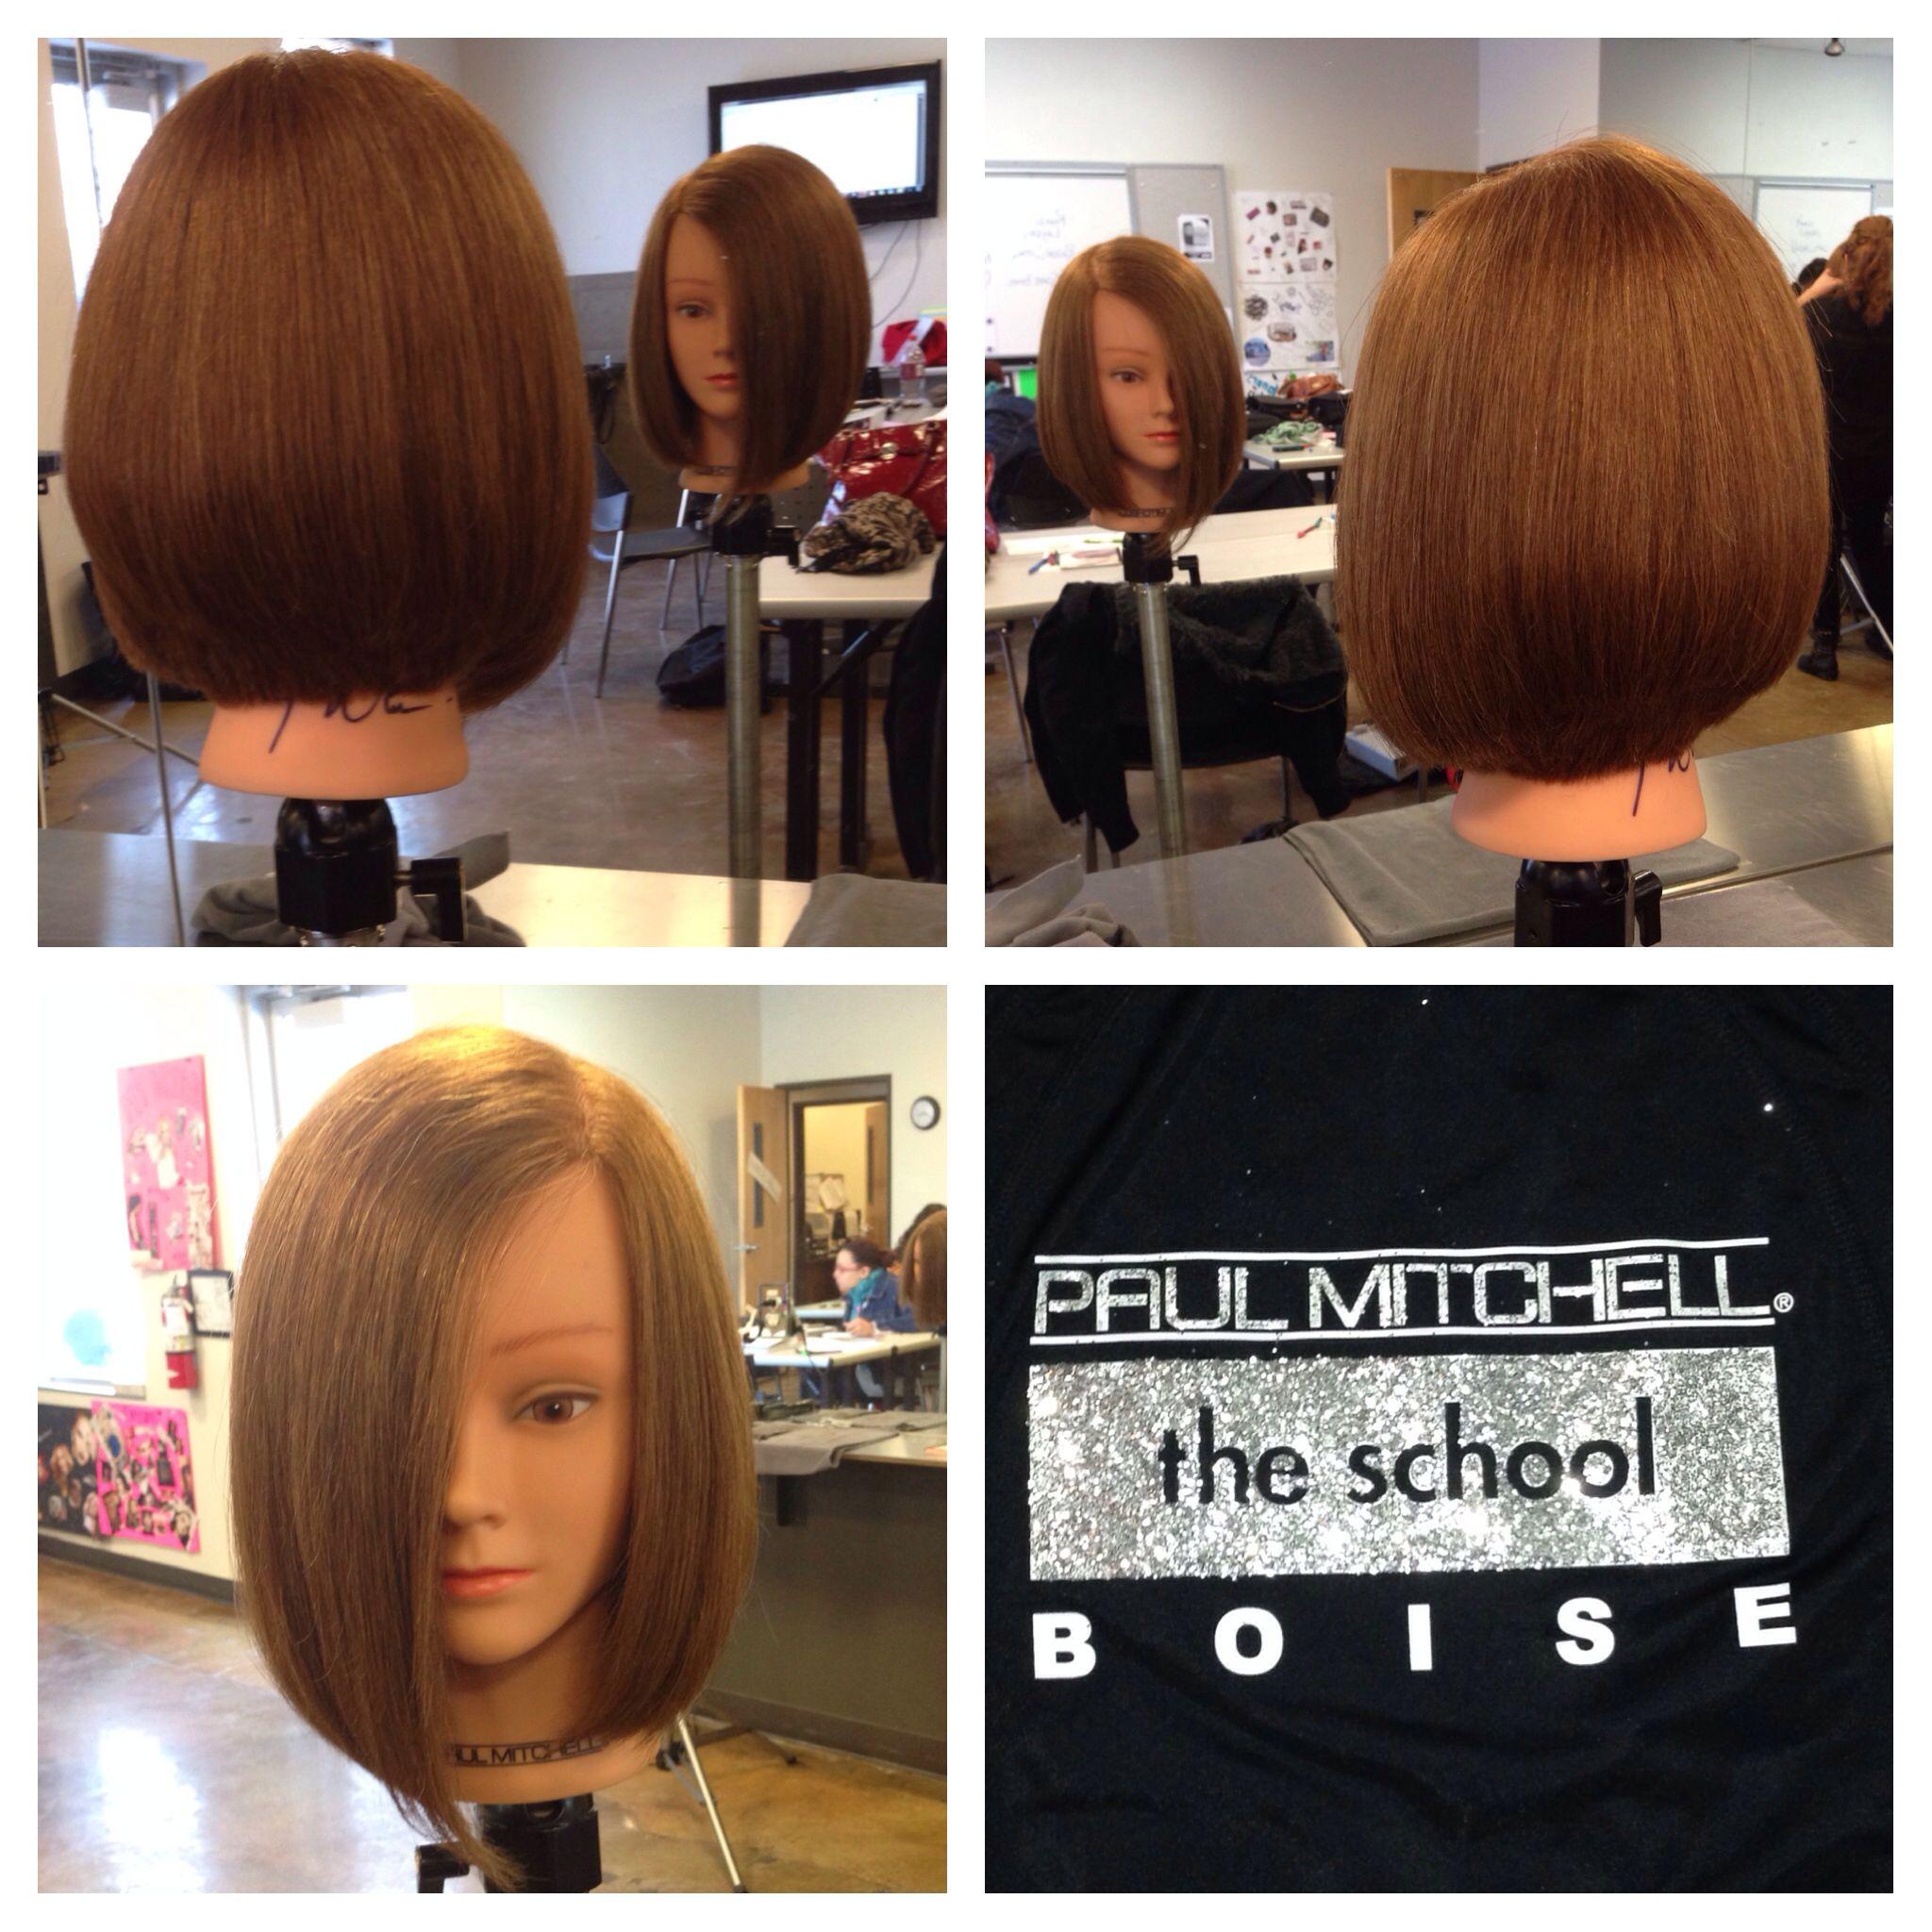 Square Graduated Hair Cut Paul Mitchell Boise Pinterest Hair